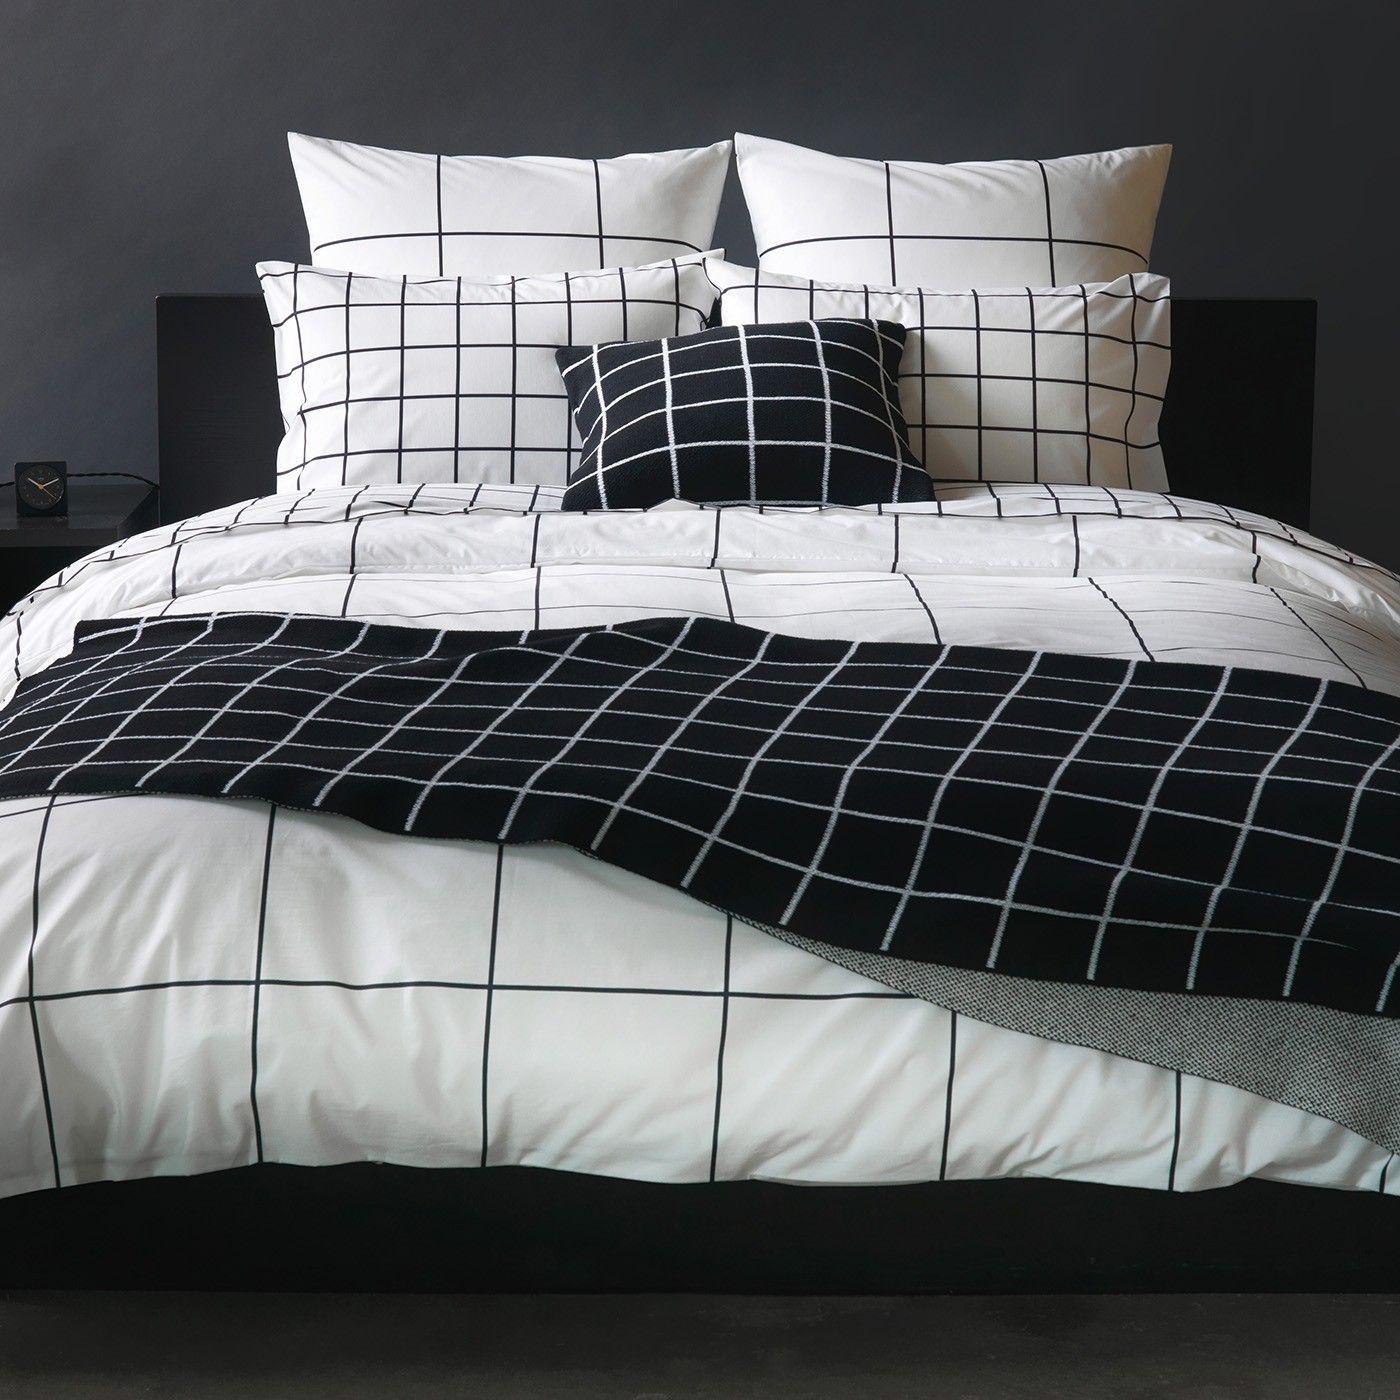 Grid Black Duvet Cover Full In 2020 Black Duvet Cover Bed Linens Luxury Duvet Cover Master Bedroom